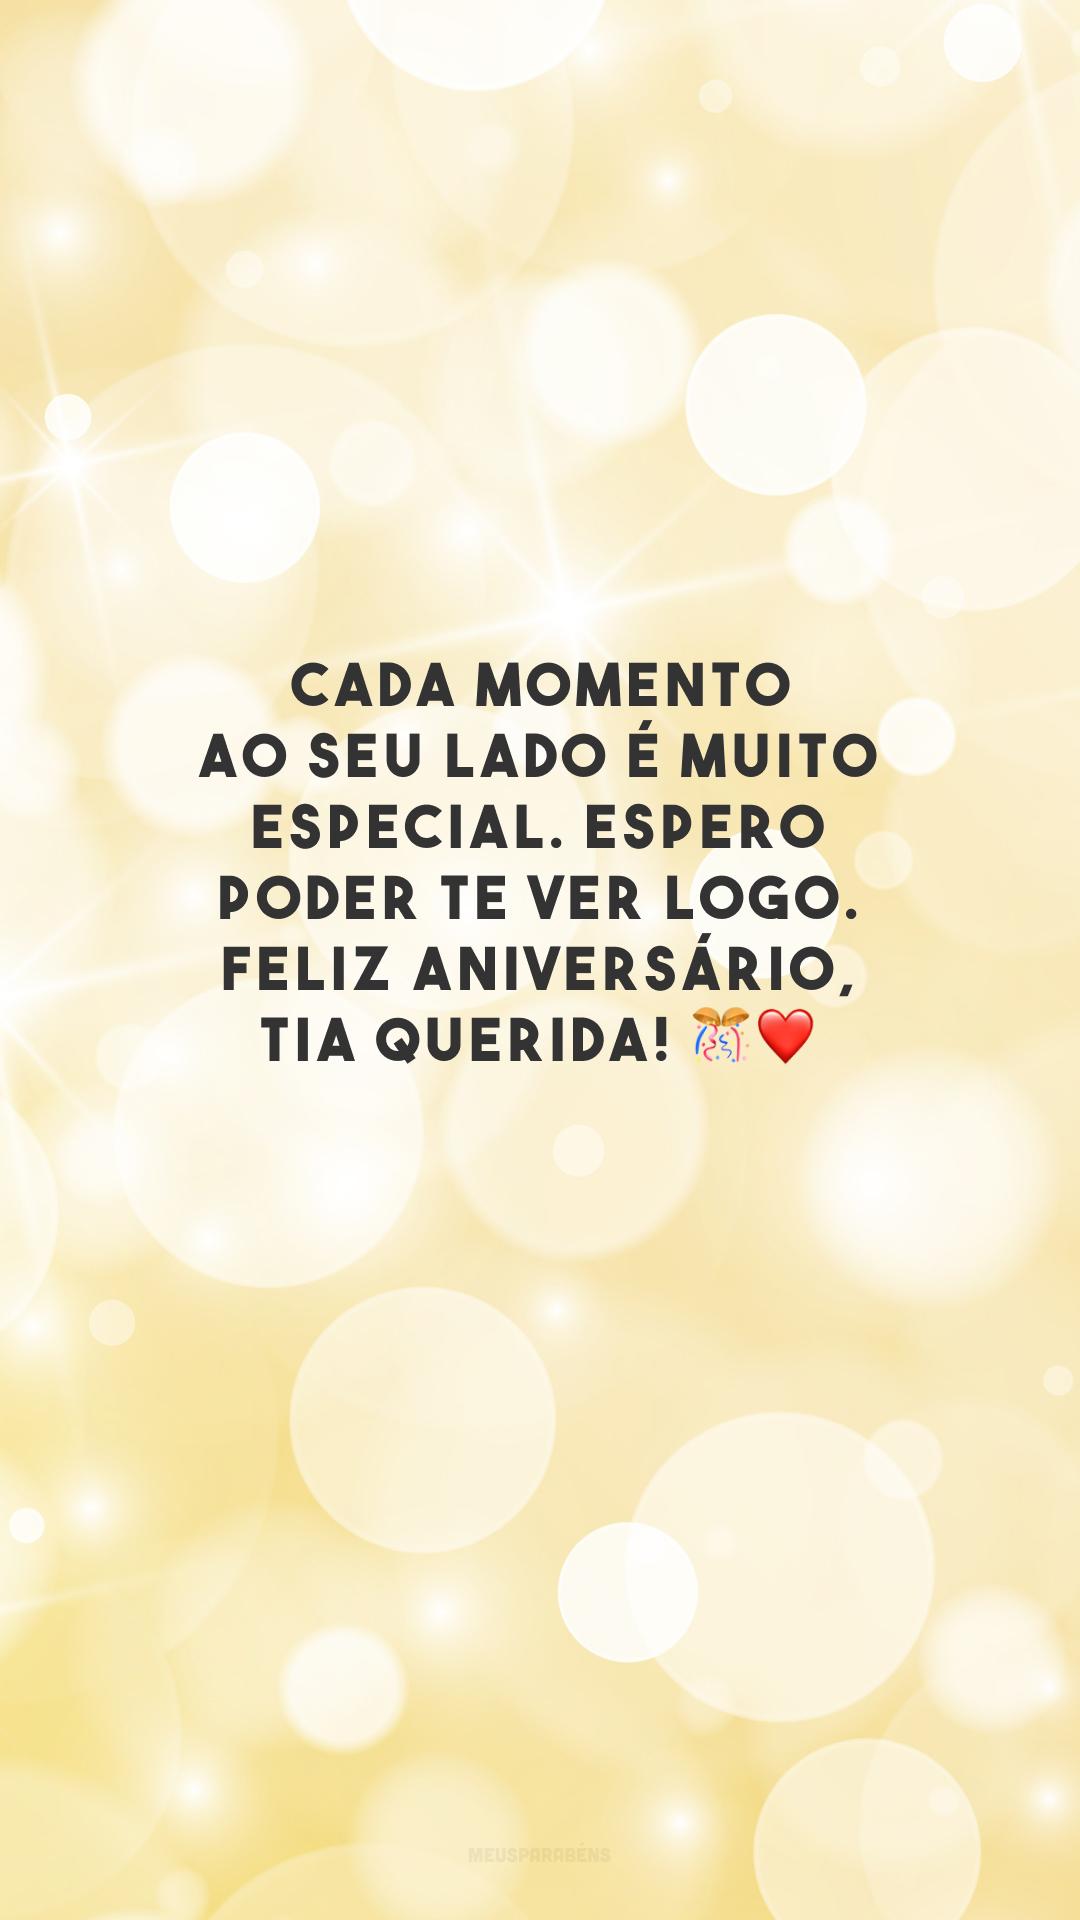 Cada momento ao seu lado é muito especial. Espero poder te ver logo. Feliz aniversário, tia querida! 🎊❤️